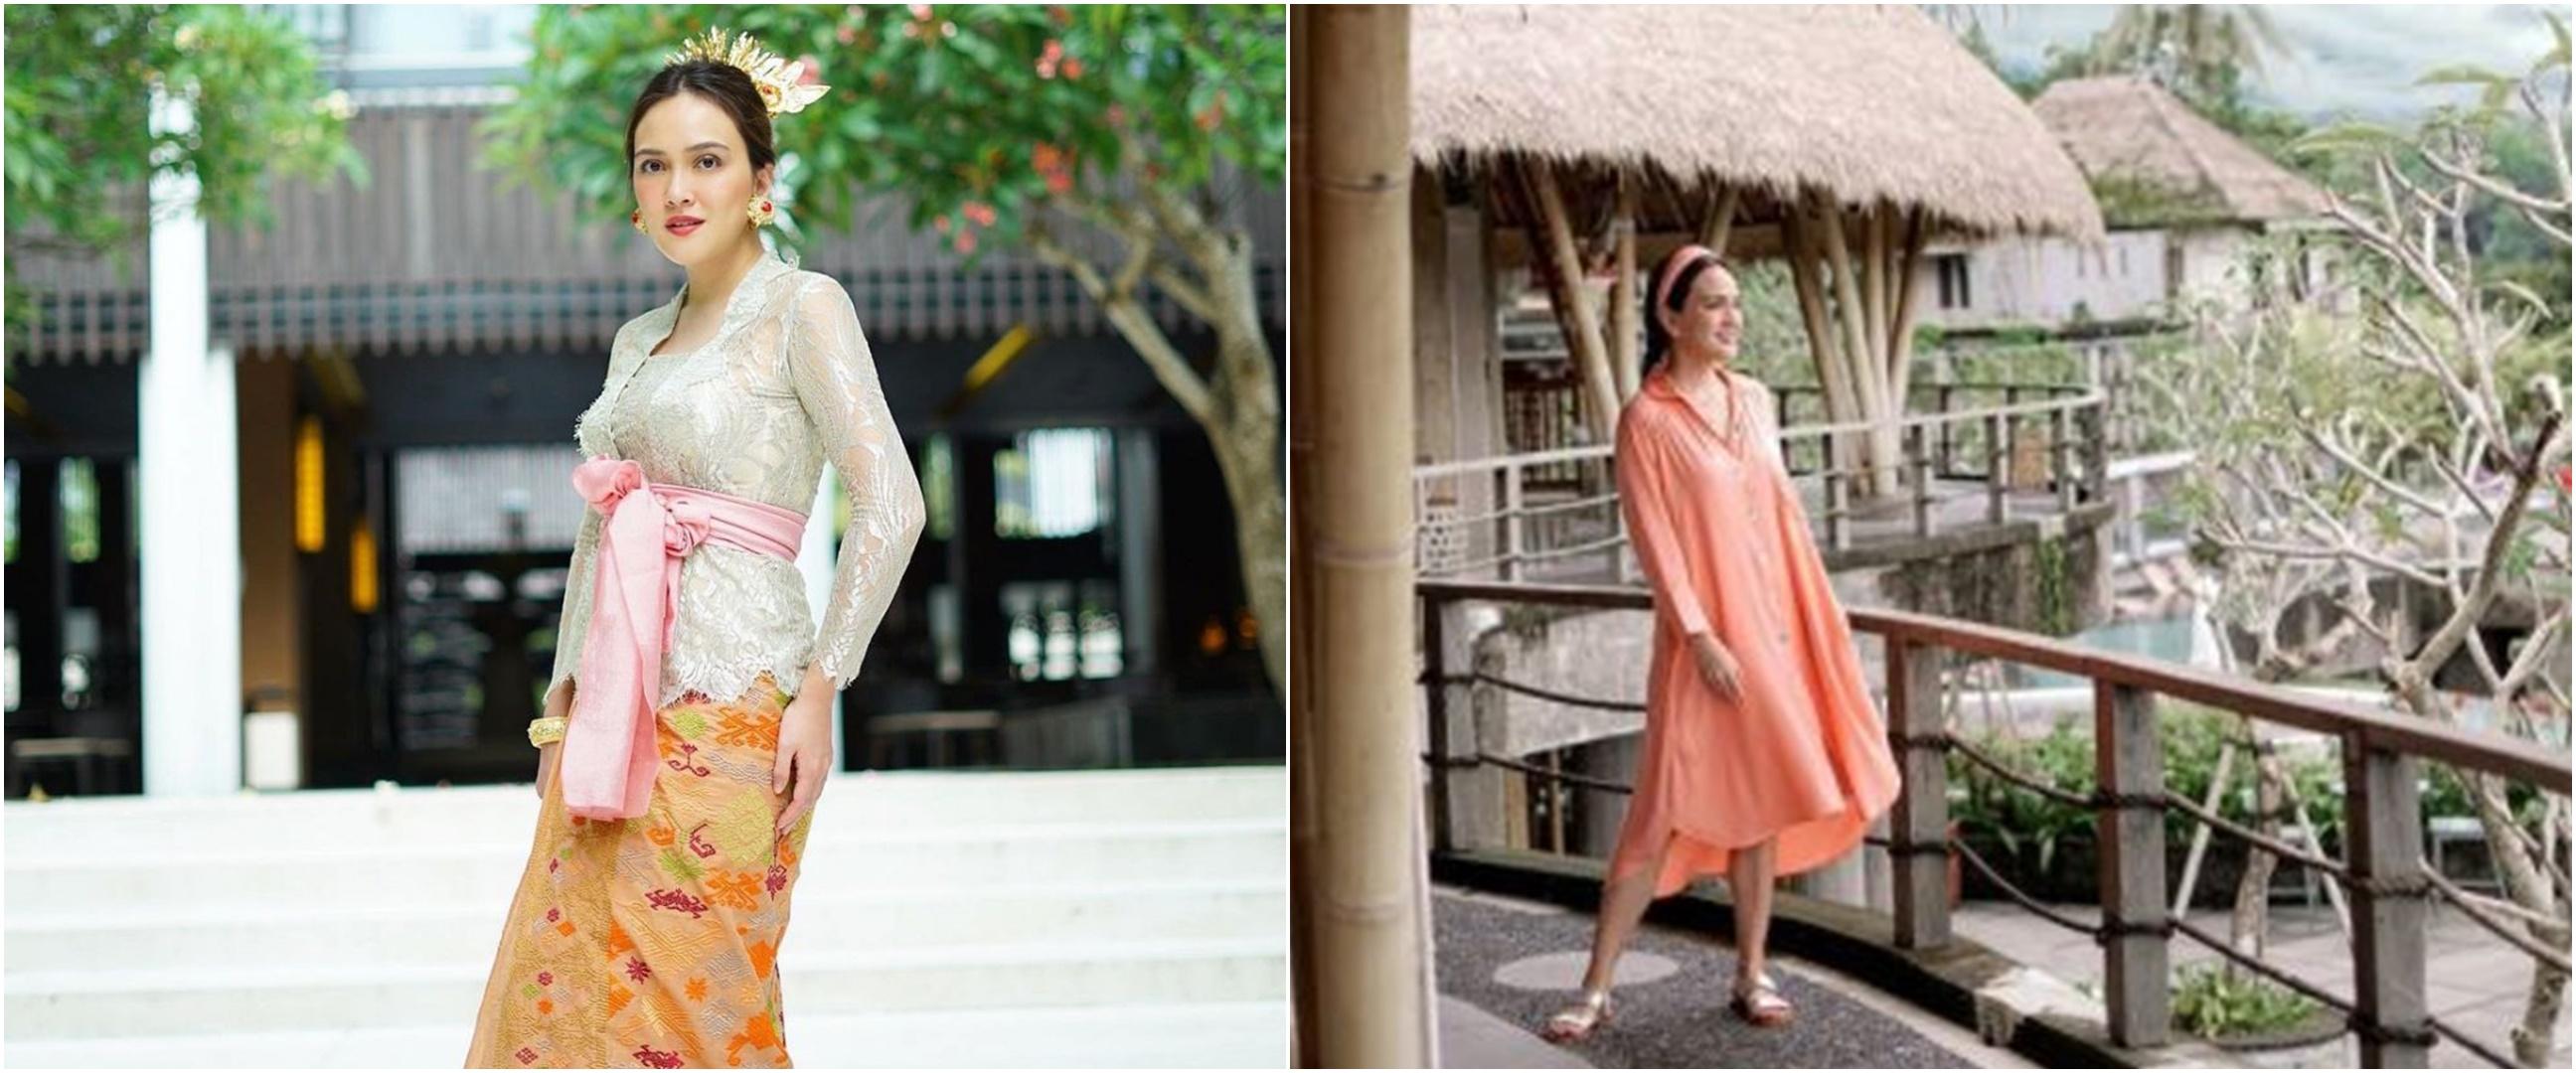 7 Potret kehidupan Shandy Aulia di Bali, serasa liburan tiap hari